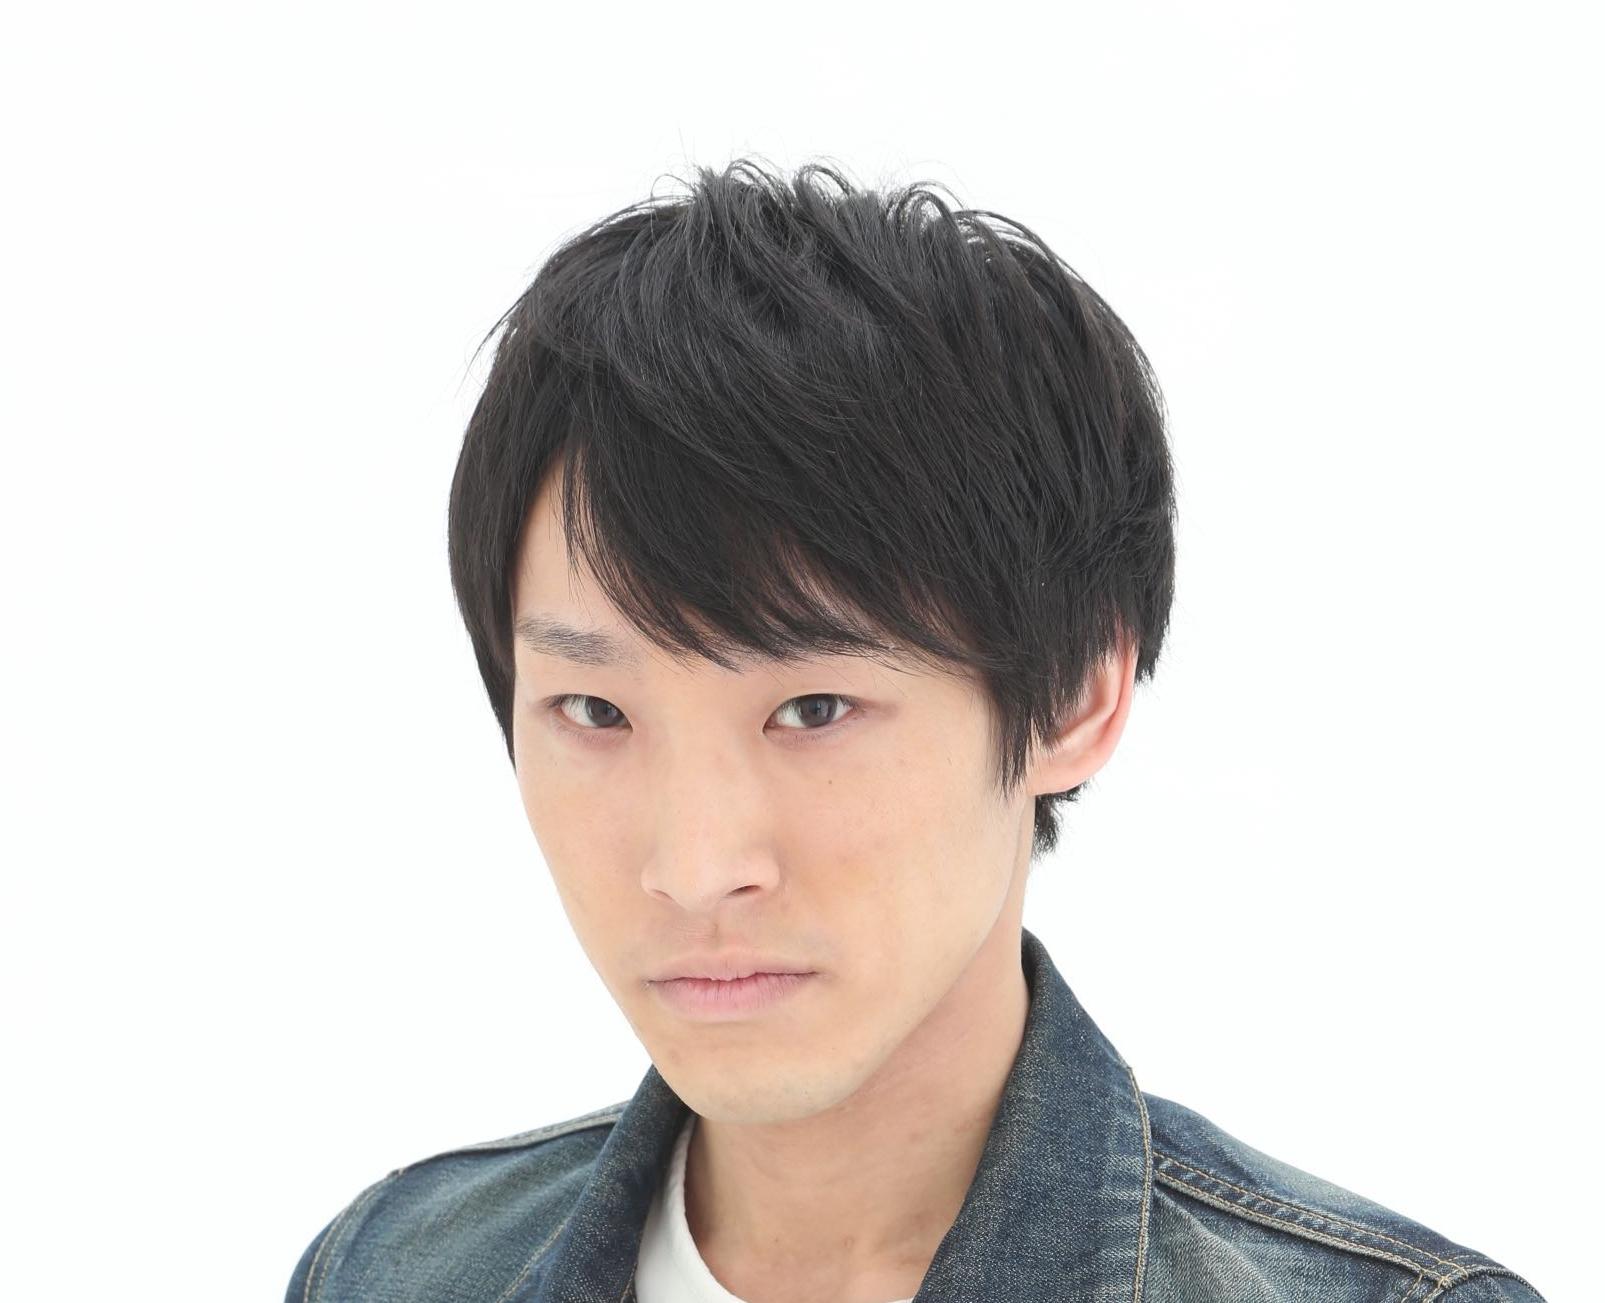 隅田 滉太郎